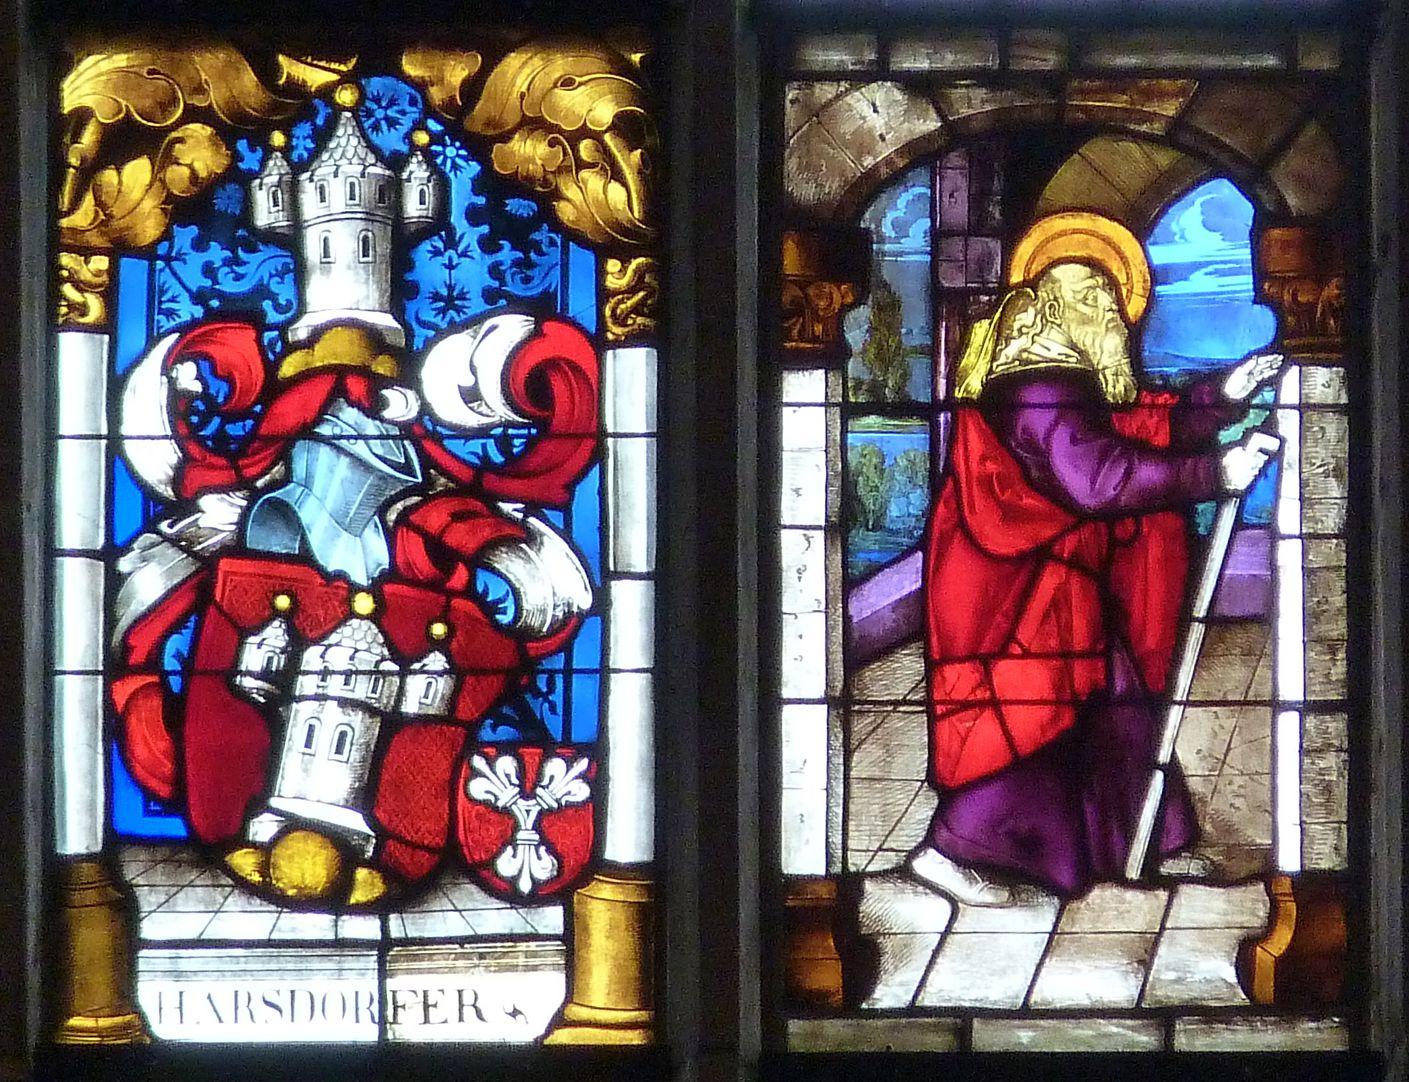 Ratsfenster mittlere Zeile links, auf der Linken: Harsdorferwappen 17. Jh., auf der Rechten: Joachim aus einer Begegnung an der Goldenen Pforte, 16.Jh.